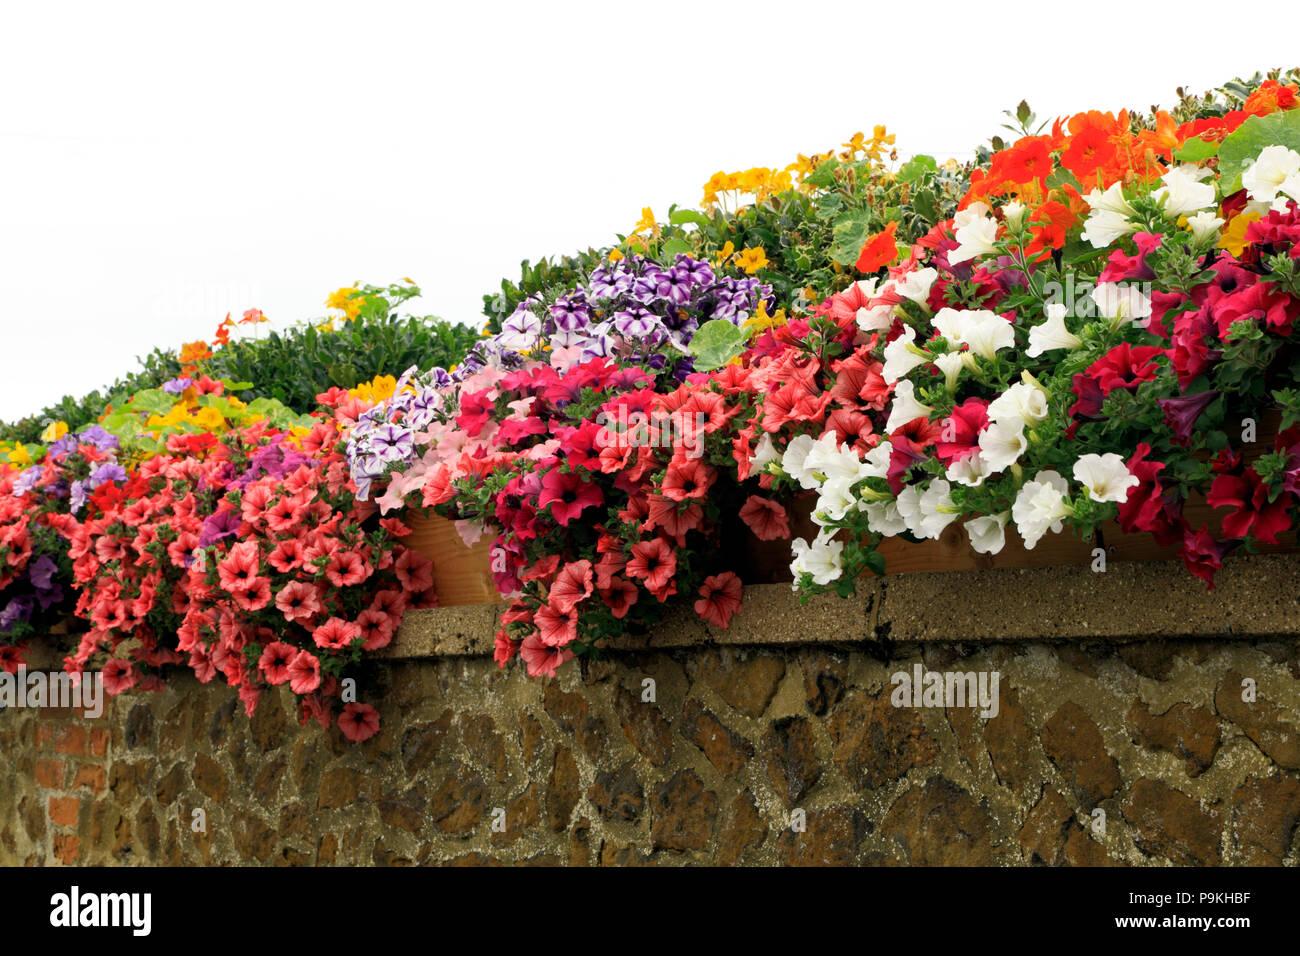 Garten Wand, Petunien, Lila, Rot, Rosa, Weiß, Gelb Stockbild